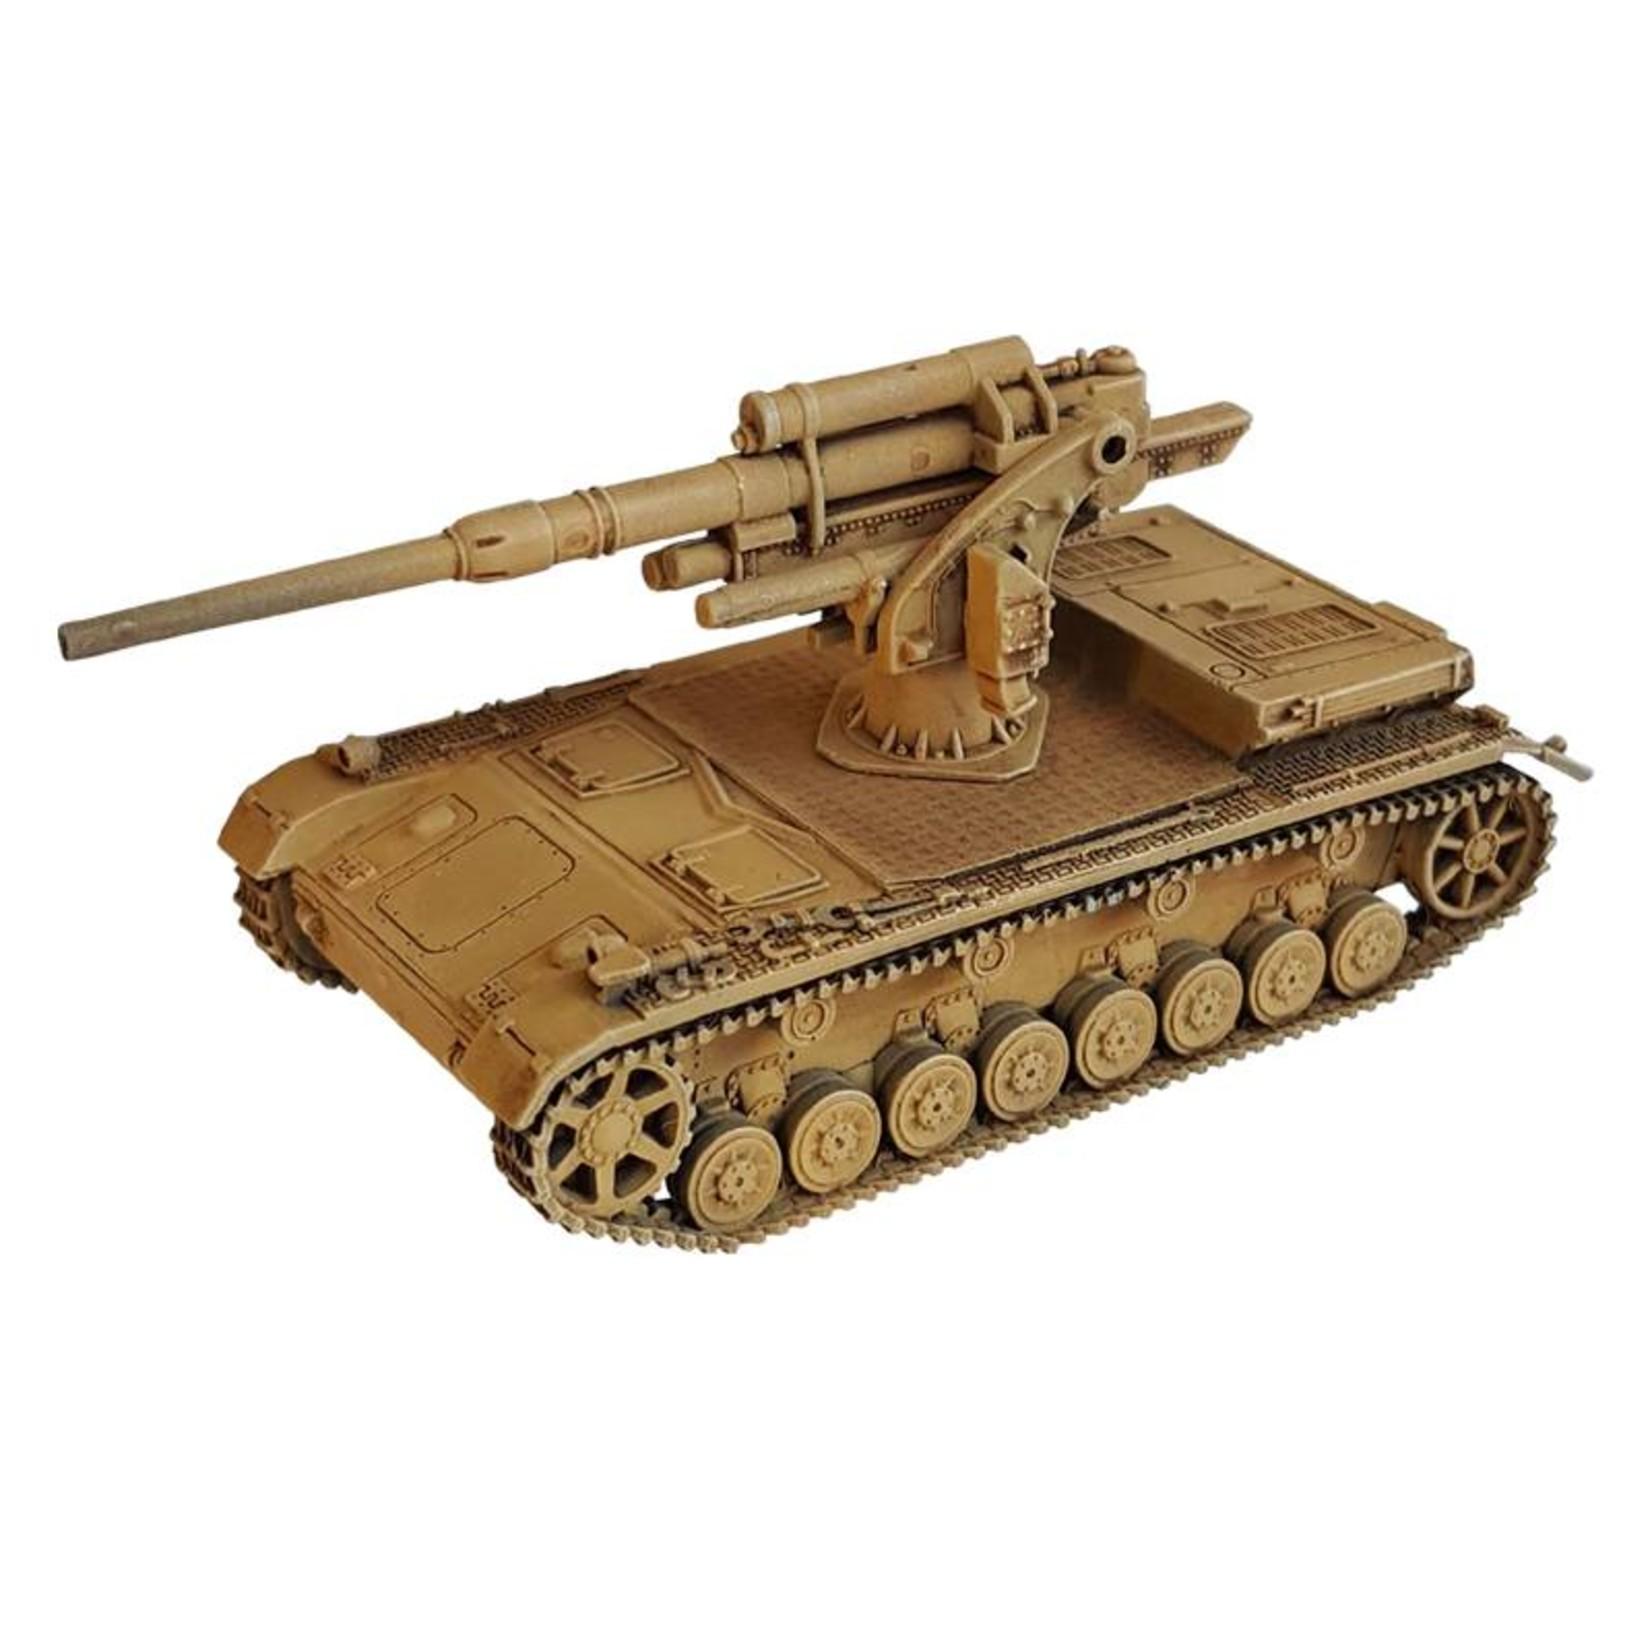 Panzerkampfwagen IV with 88mm Flak